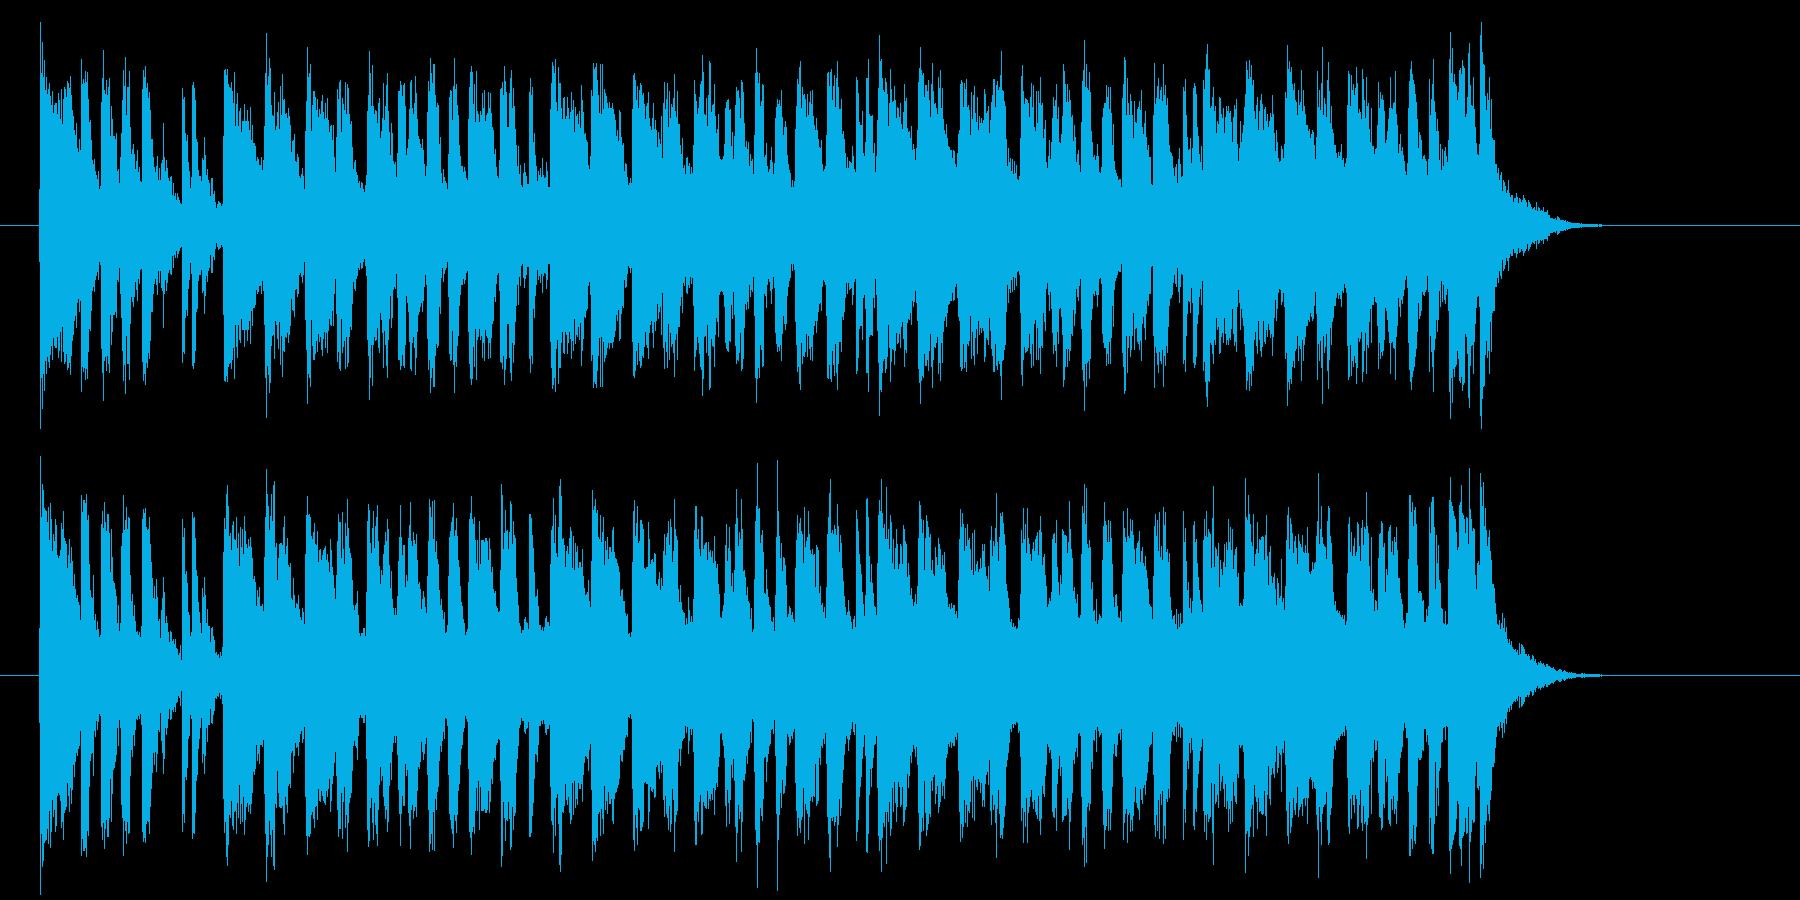 わくわく感とおしゃれなシンセテクノ短めの再生済みの波形